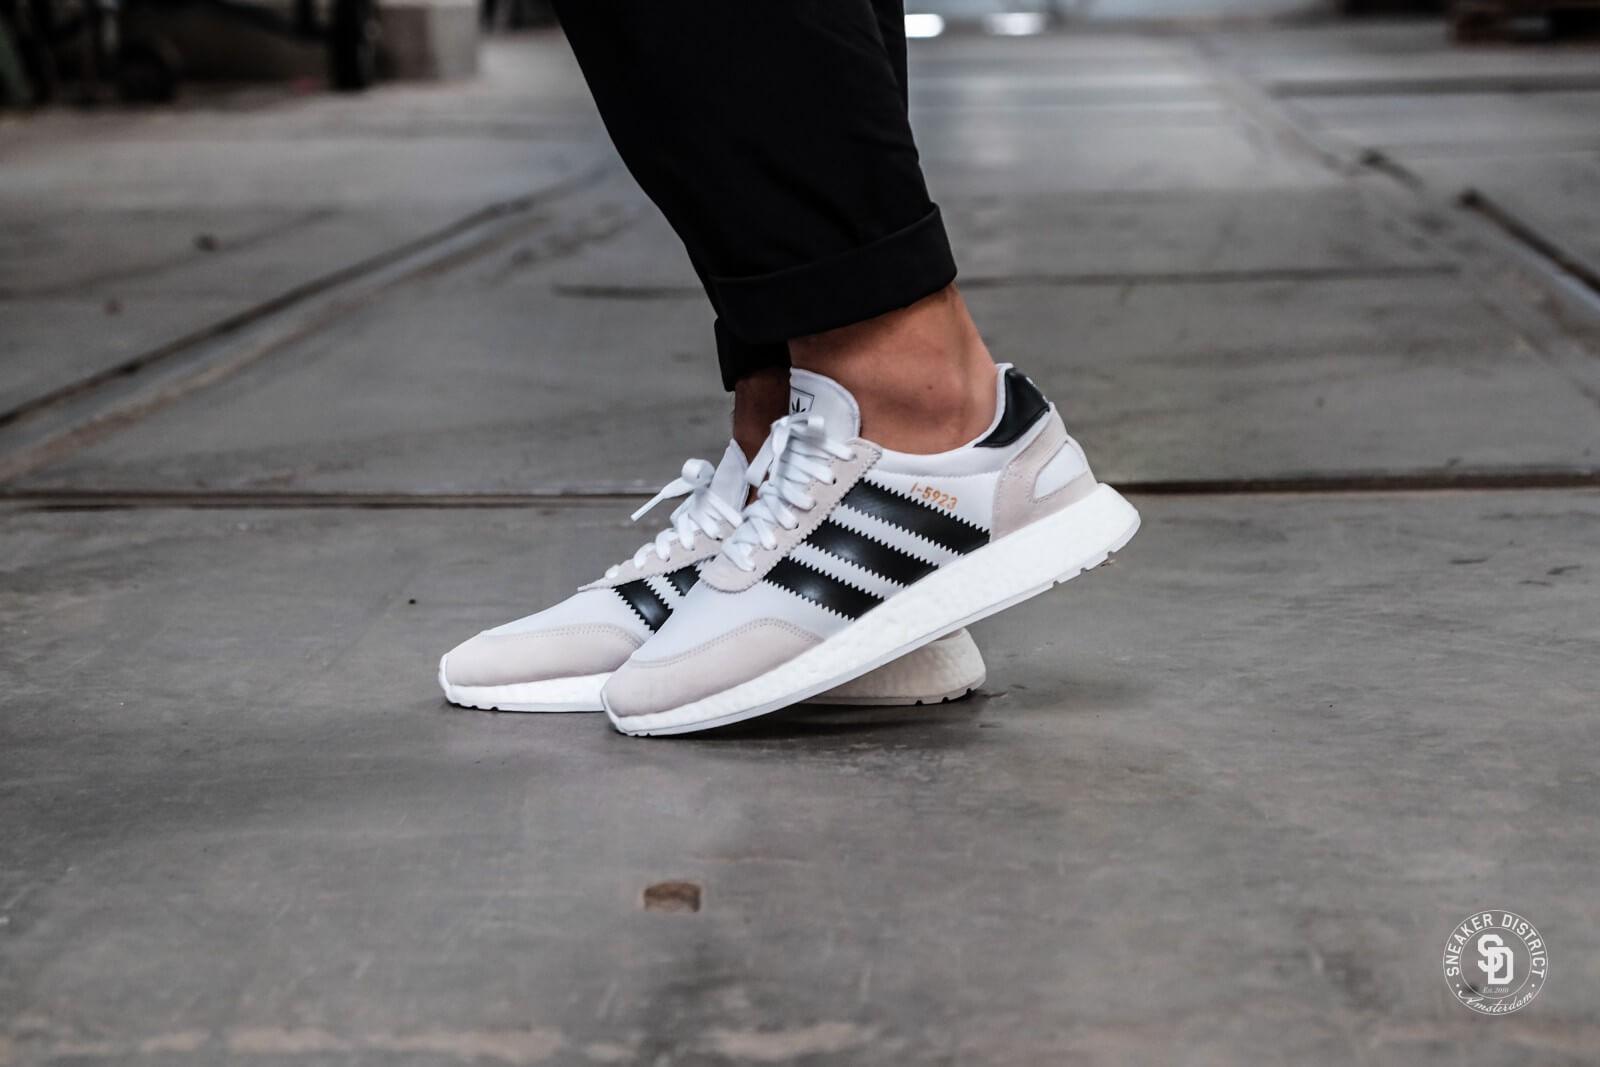 Adidas I-5923 White/Black